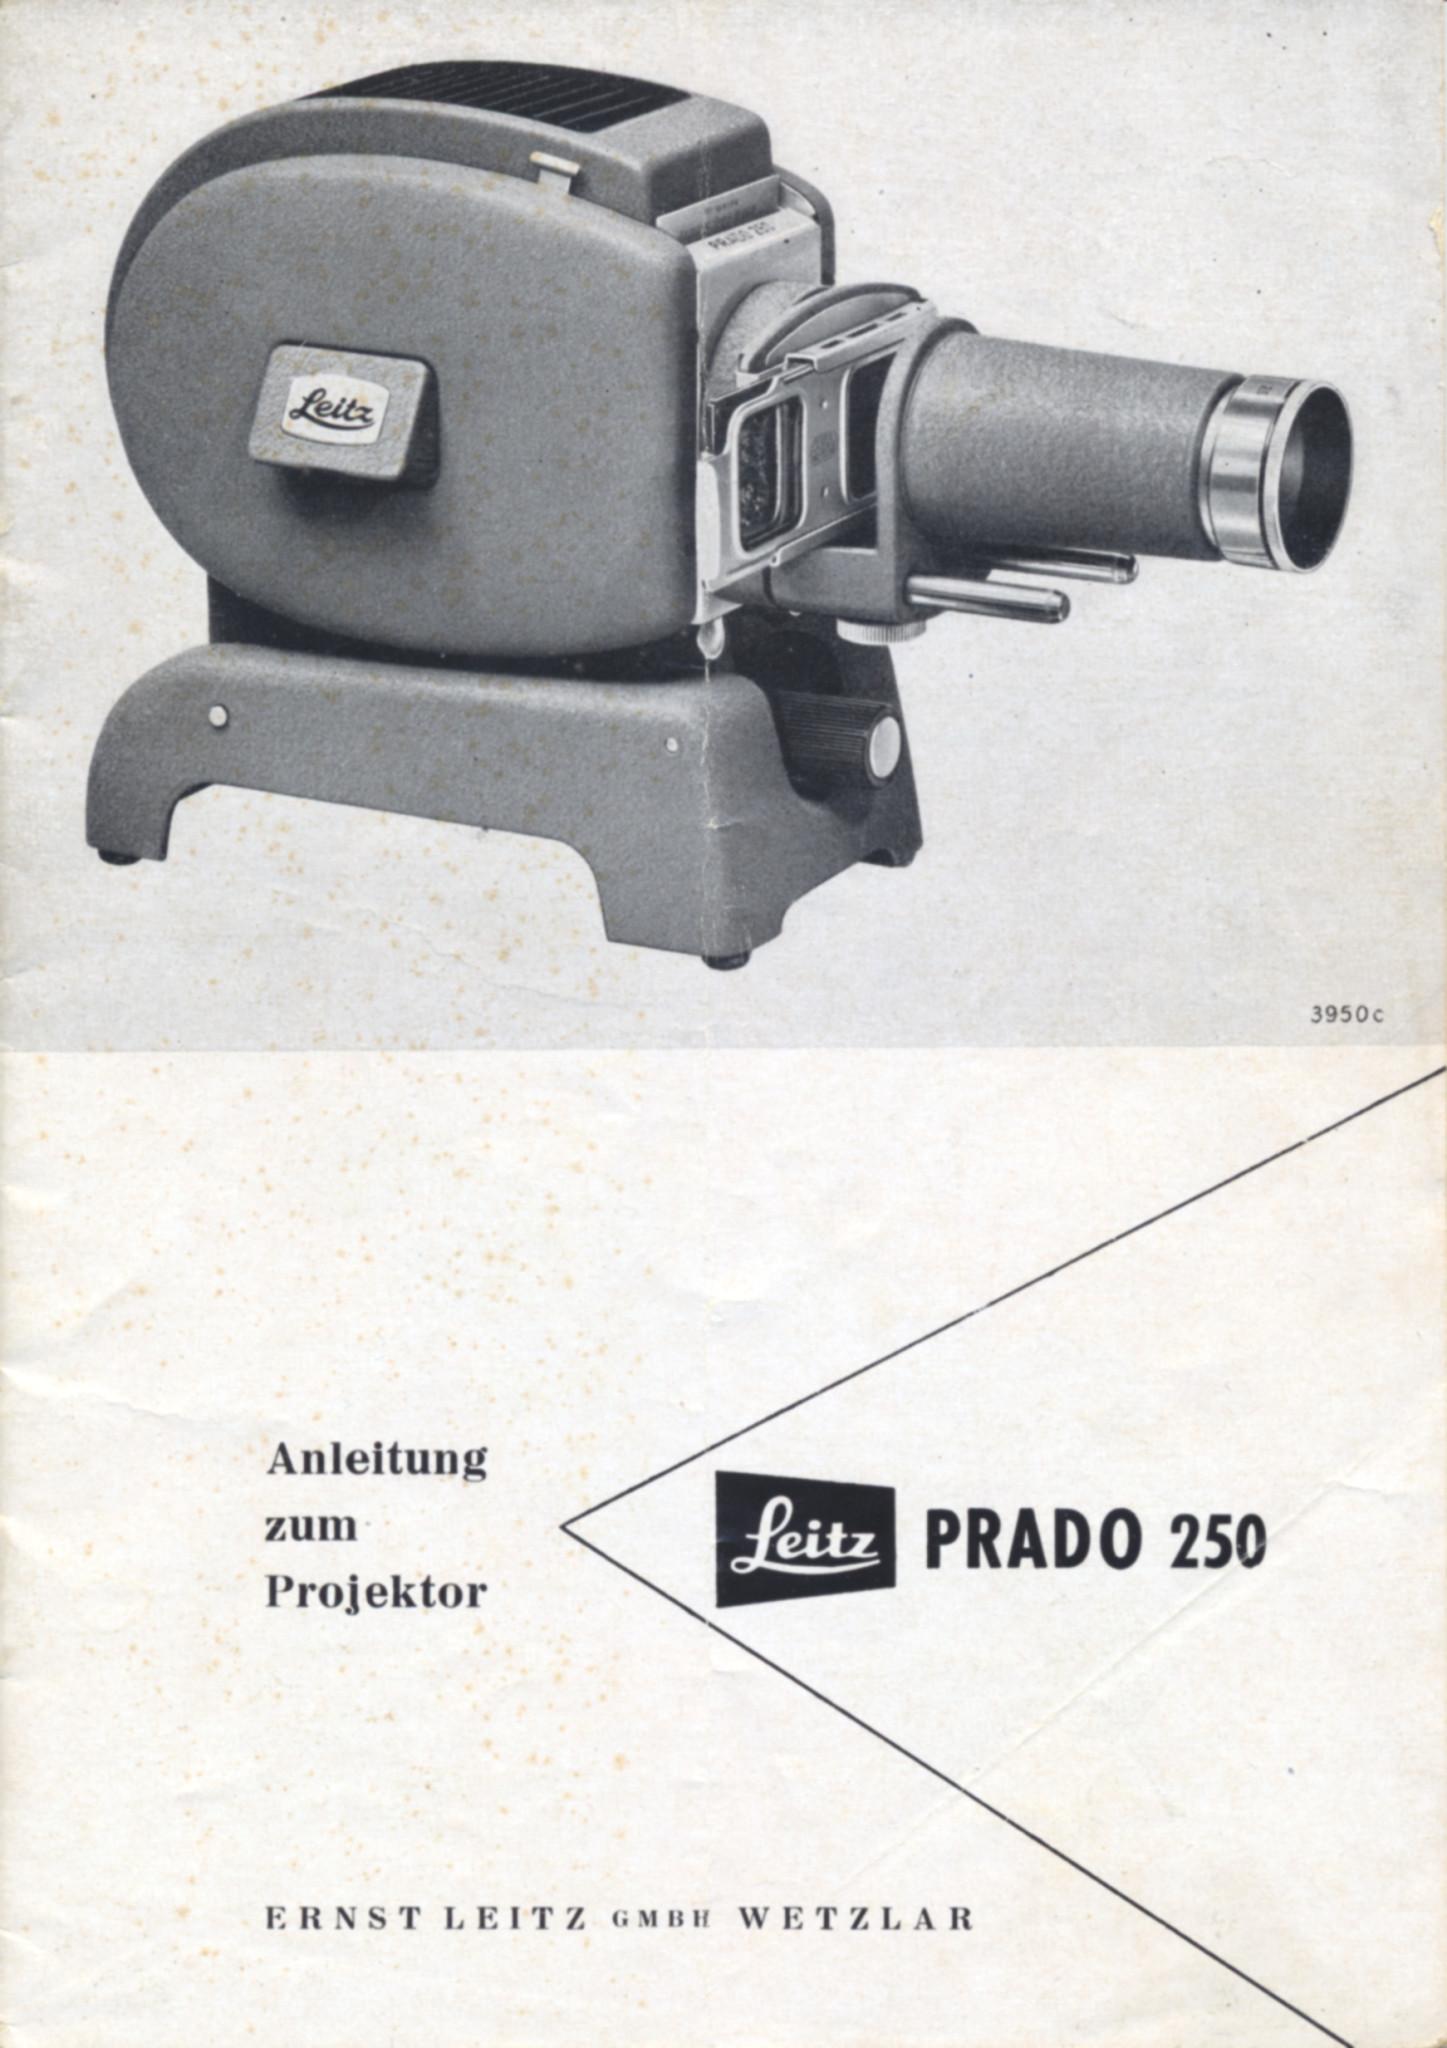 Leitz PRADO 250